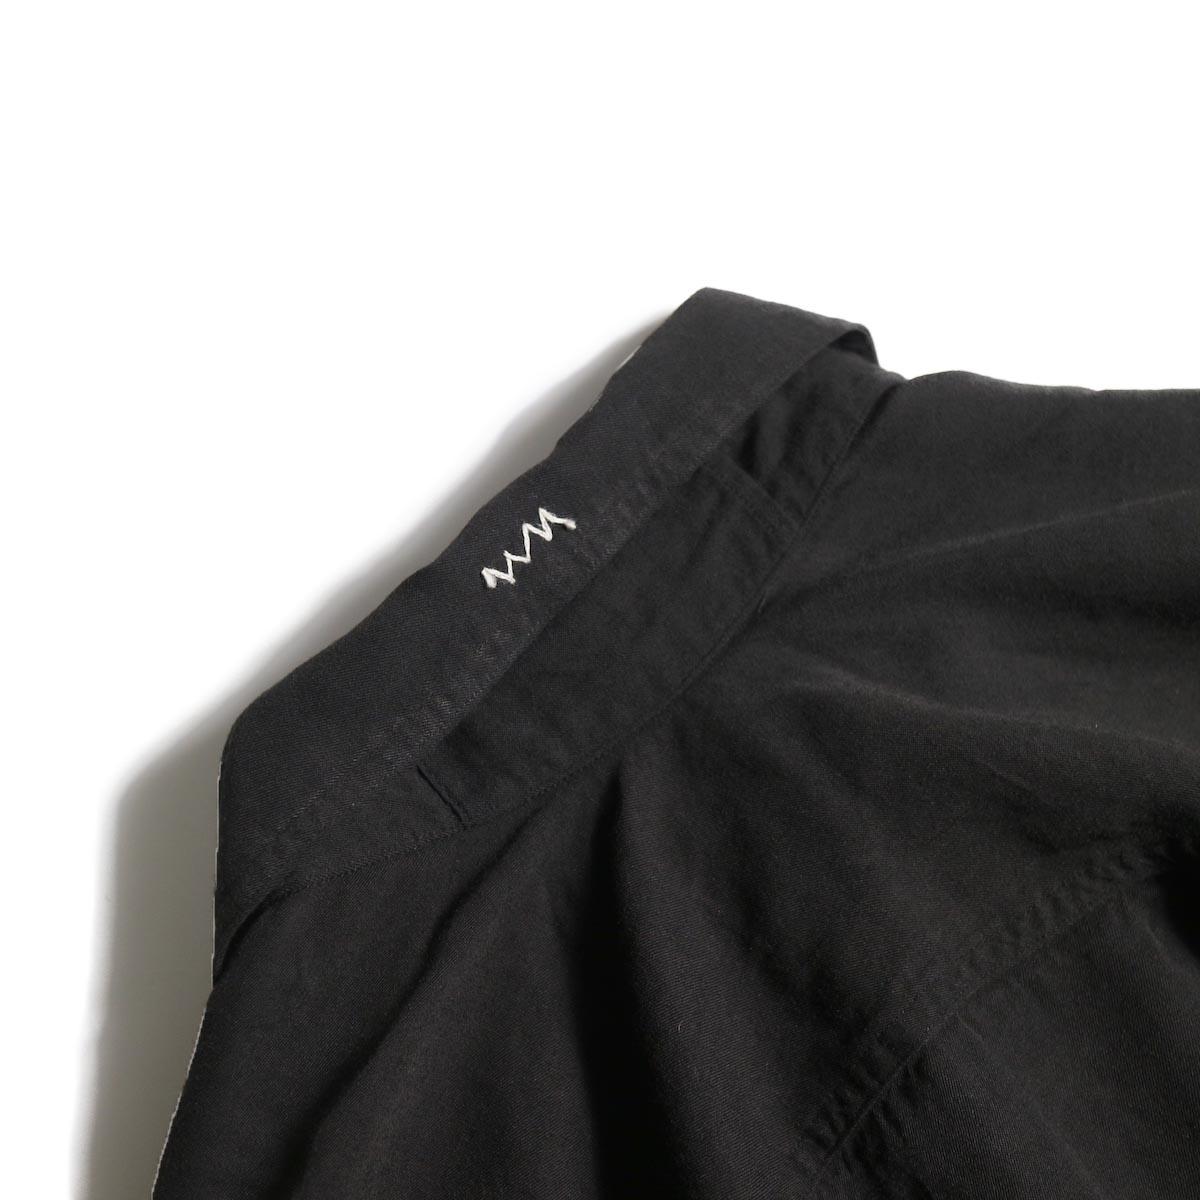 visvim / MAINSAIL SHIRT L/S (RAYON) (Black)襟裏刺繍